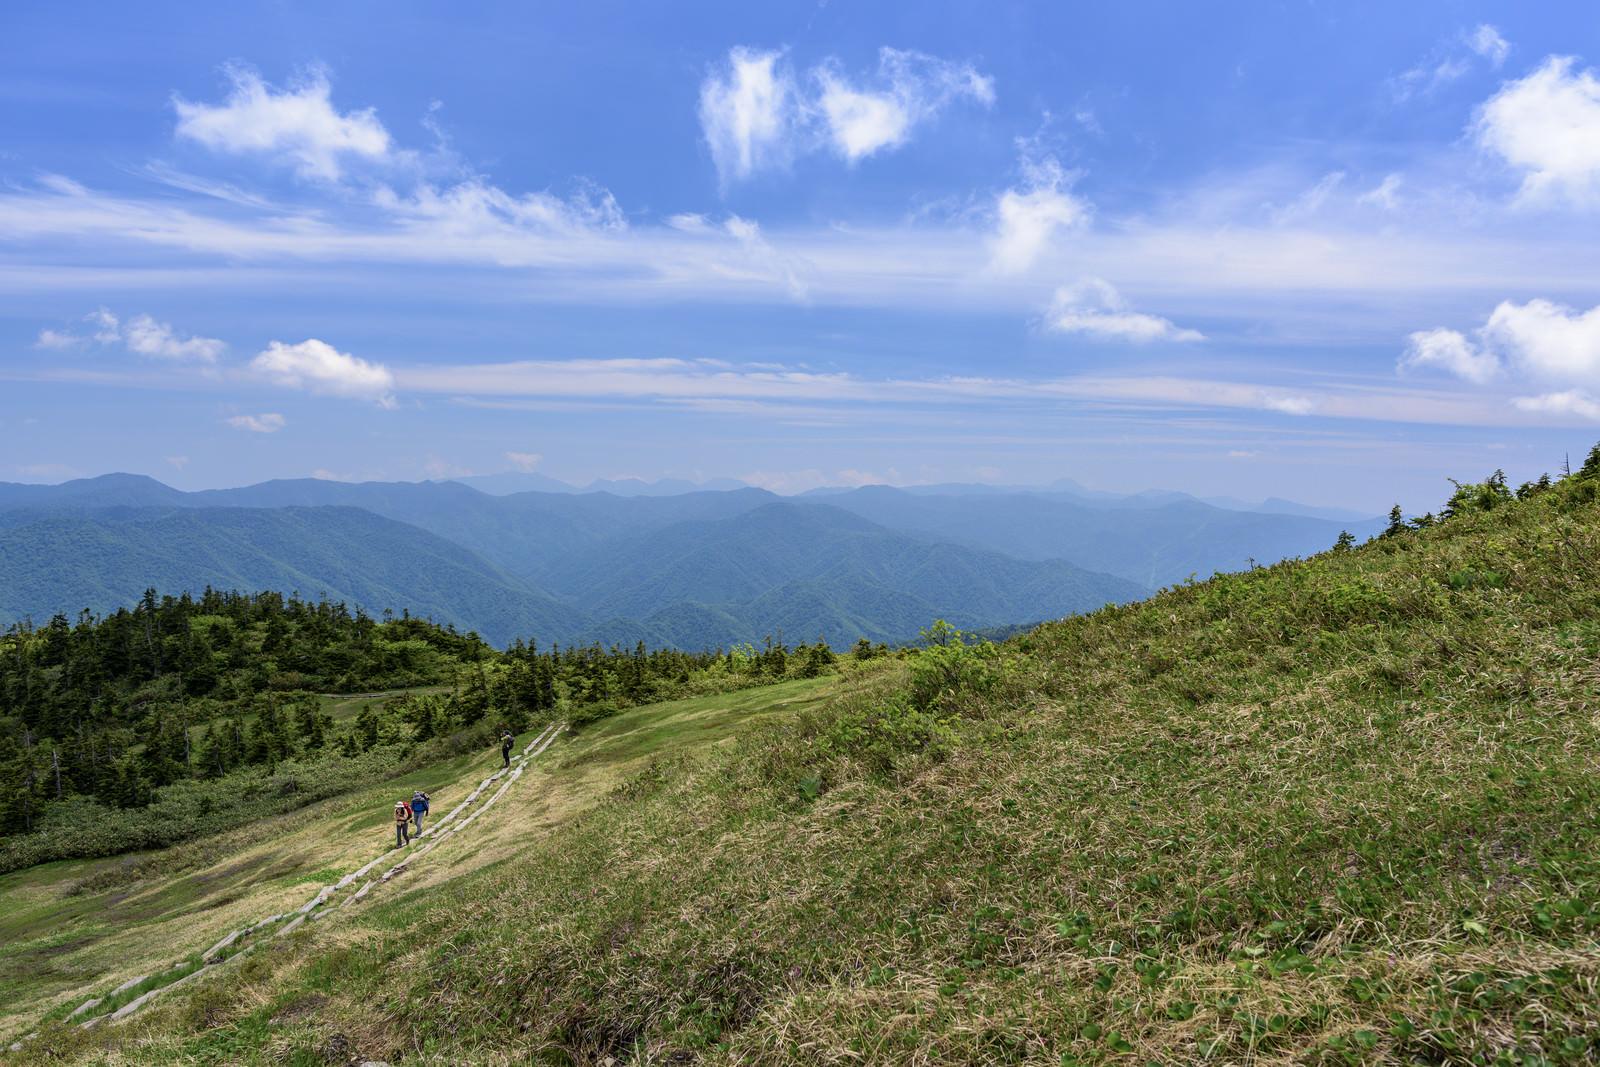 「会津駒ヶ岳を登る登山者たち(福島県南会津郡)」の写真